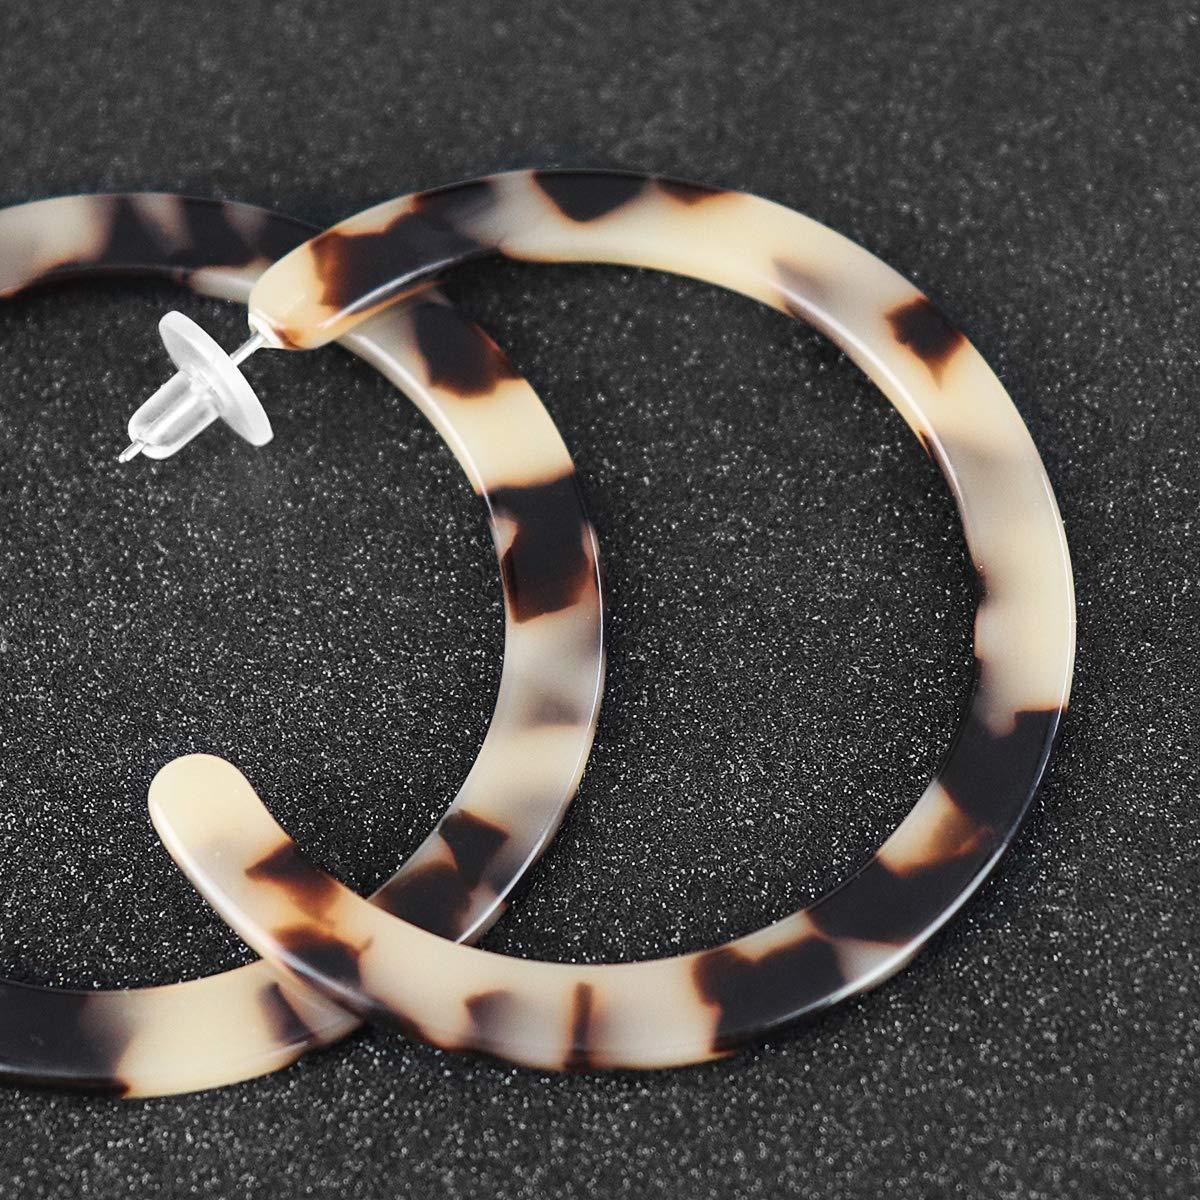 Gleamart Acrylique Marbr/é Hoop Boucles DOreilles Tortue Shell R/ésine Cercle Boucles Doreilles Pour Les Femmes